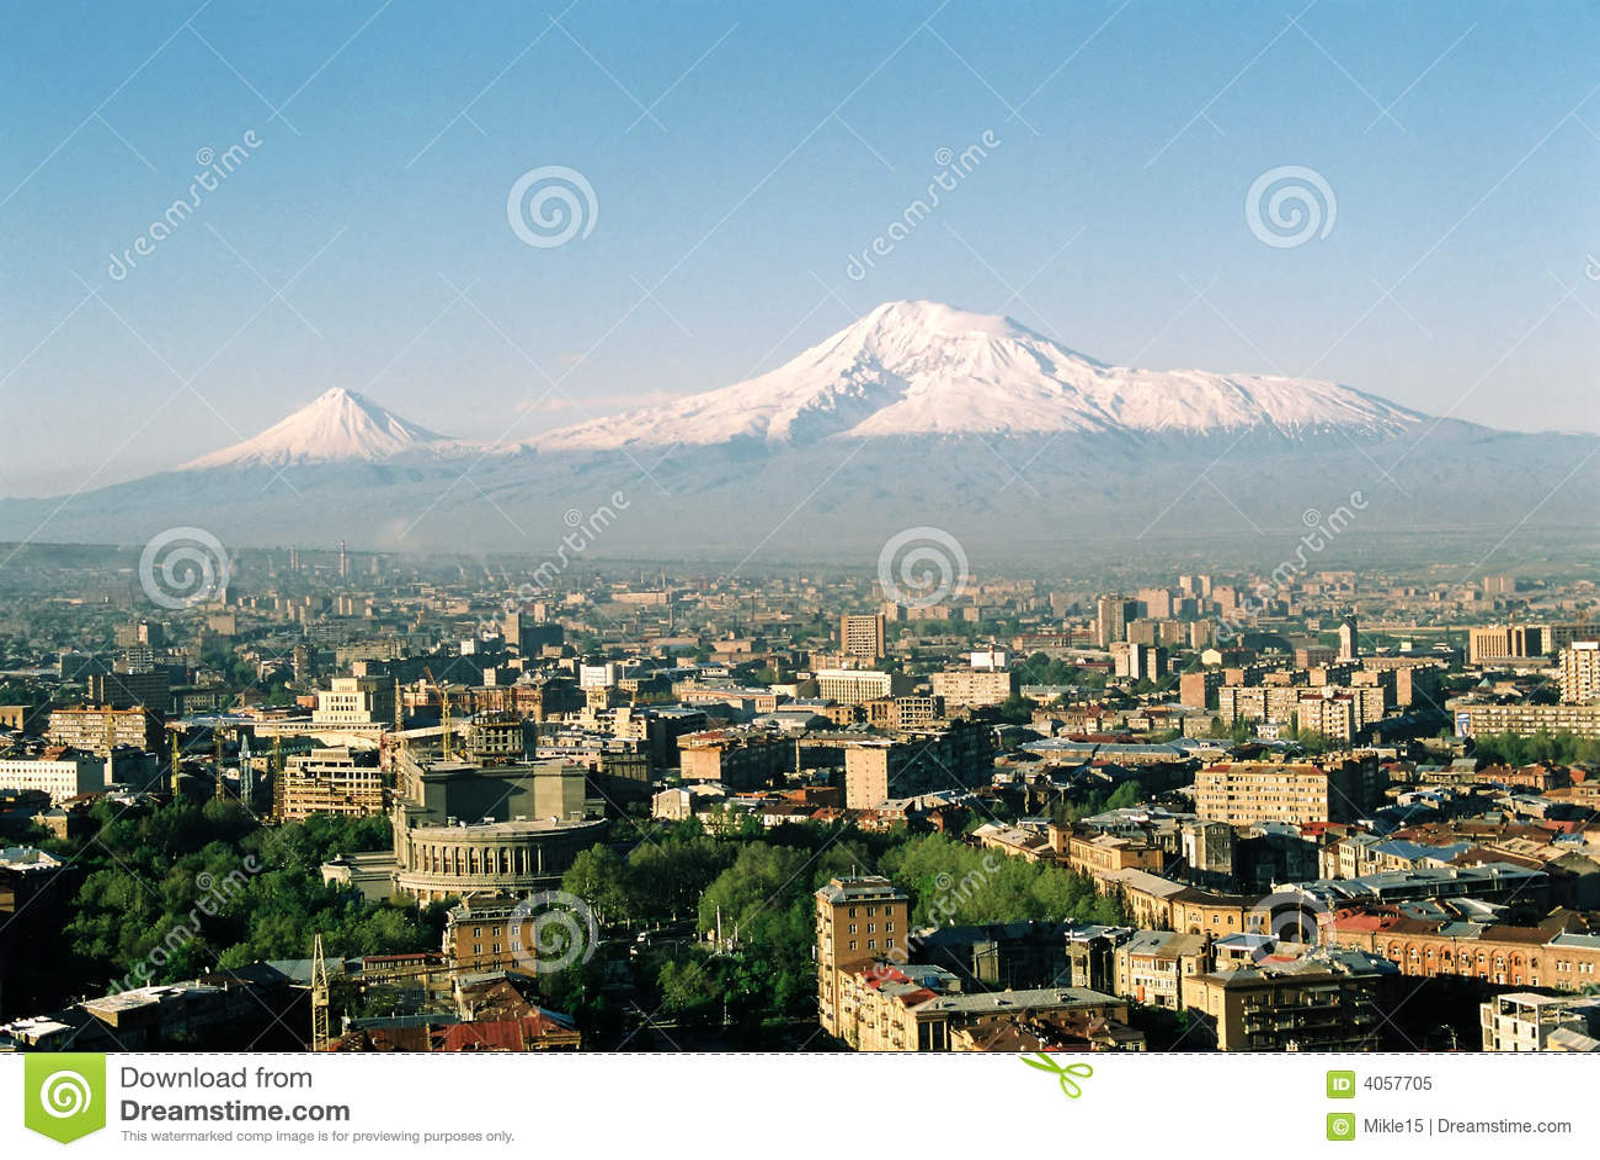 Mt. Ararat a Yerevan, Armenia